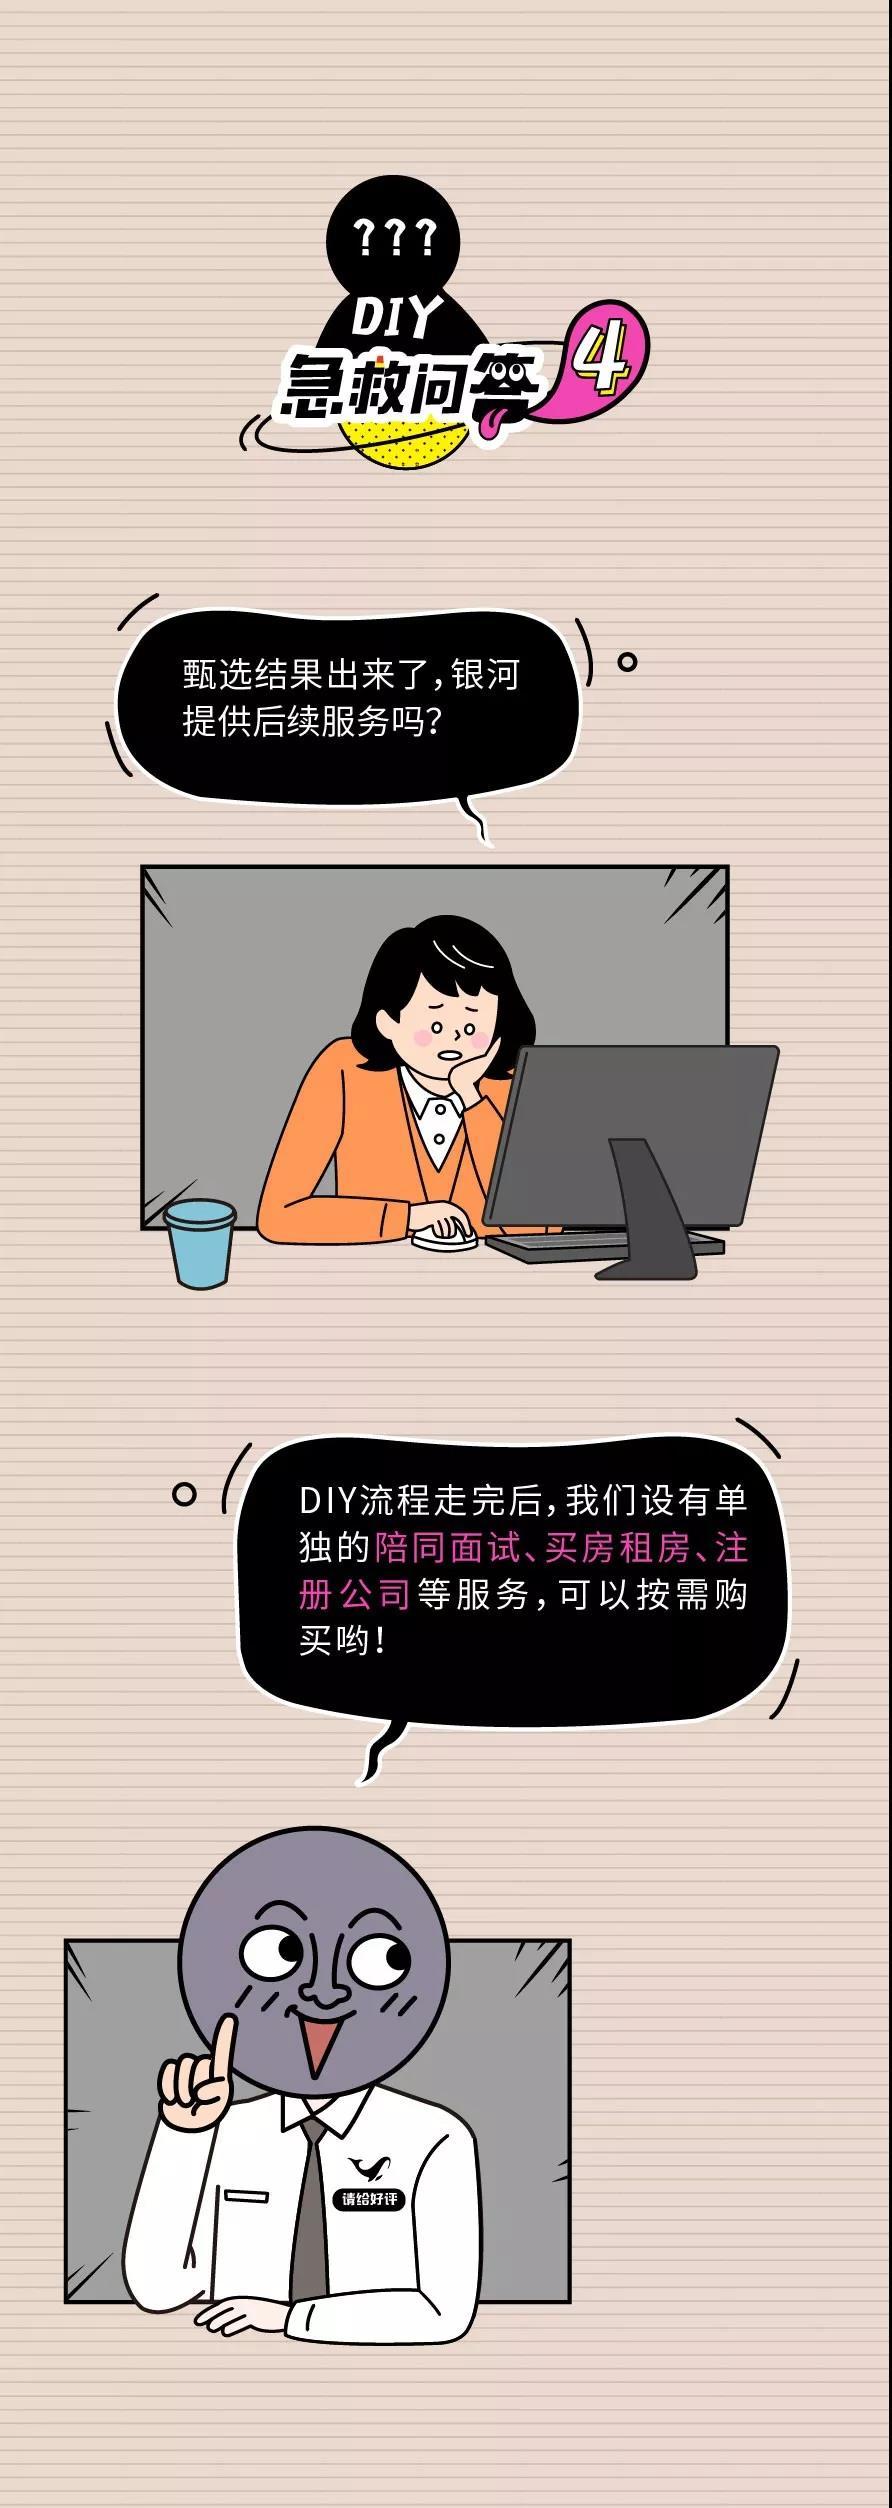 香港优才DIY出了问题,我该怎么办?